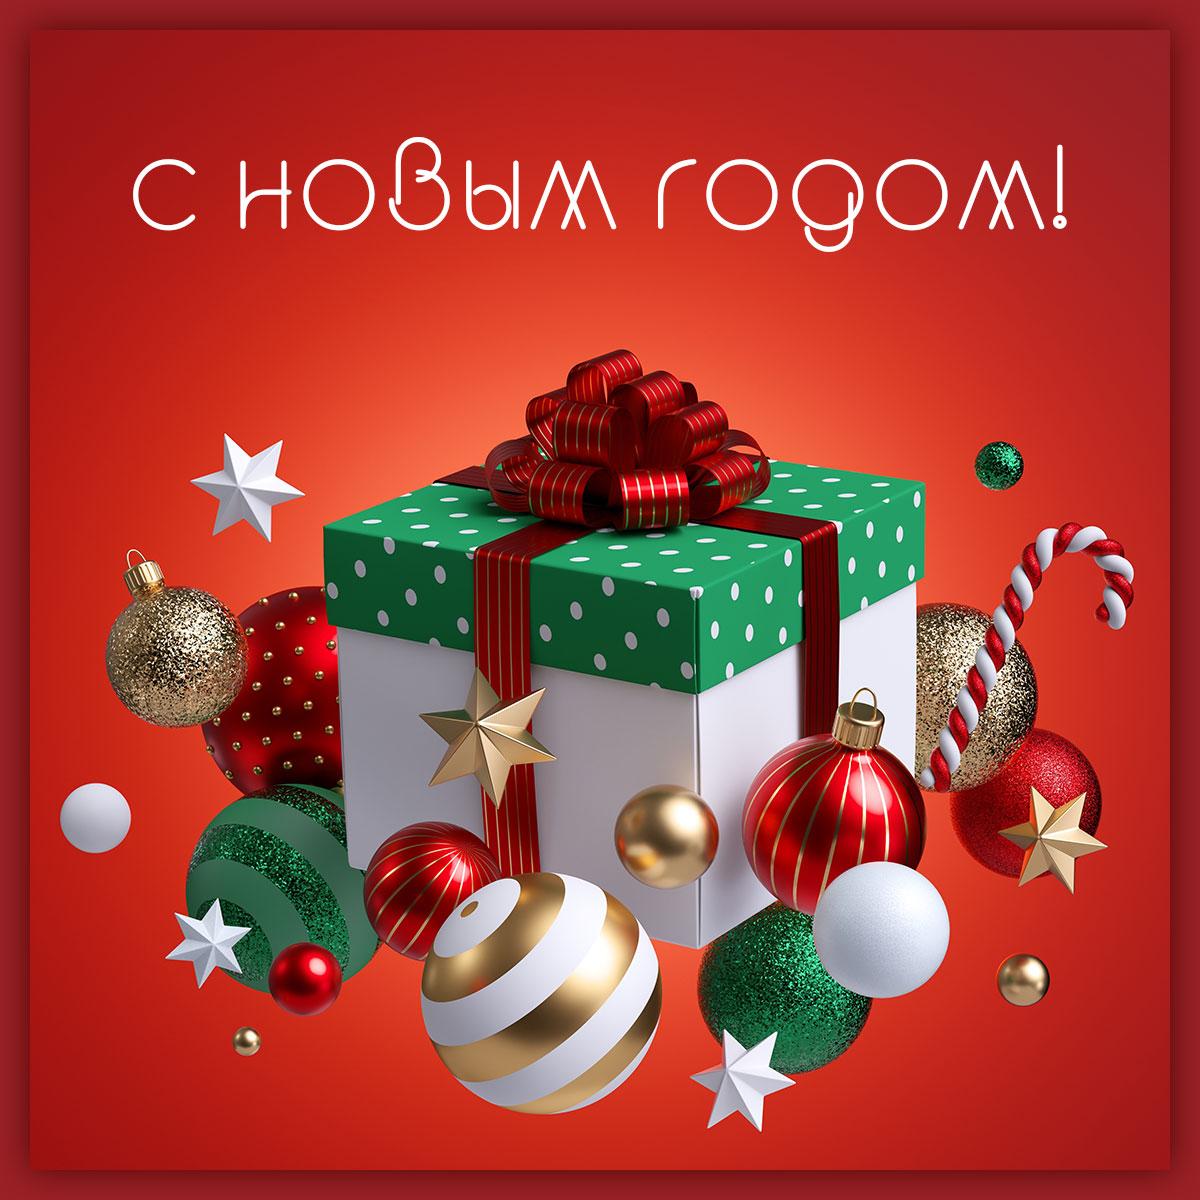 Картинка 3d открытка на новый год с подарком в коробке и праздничными украшениями на красном фоне.